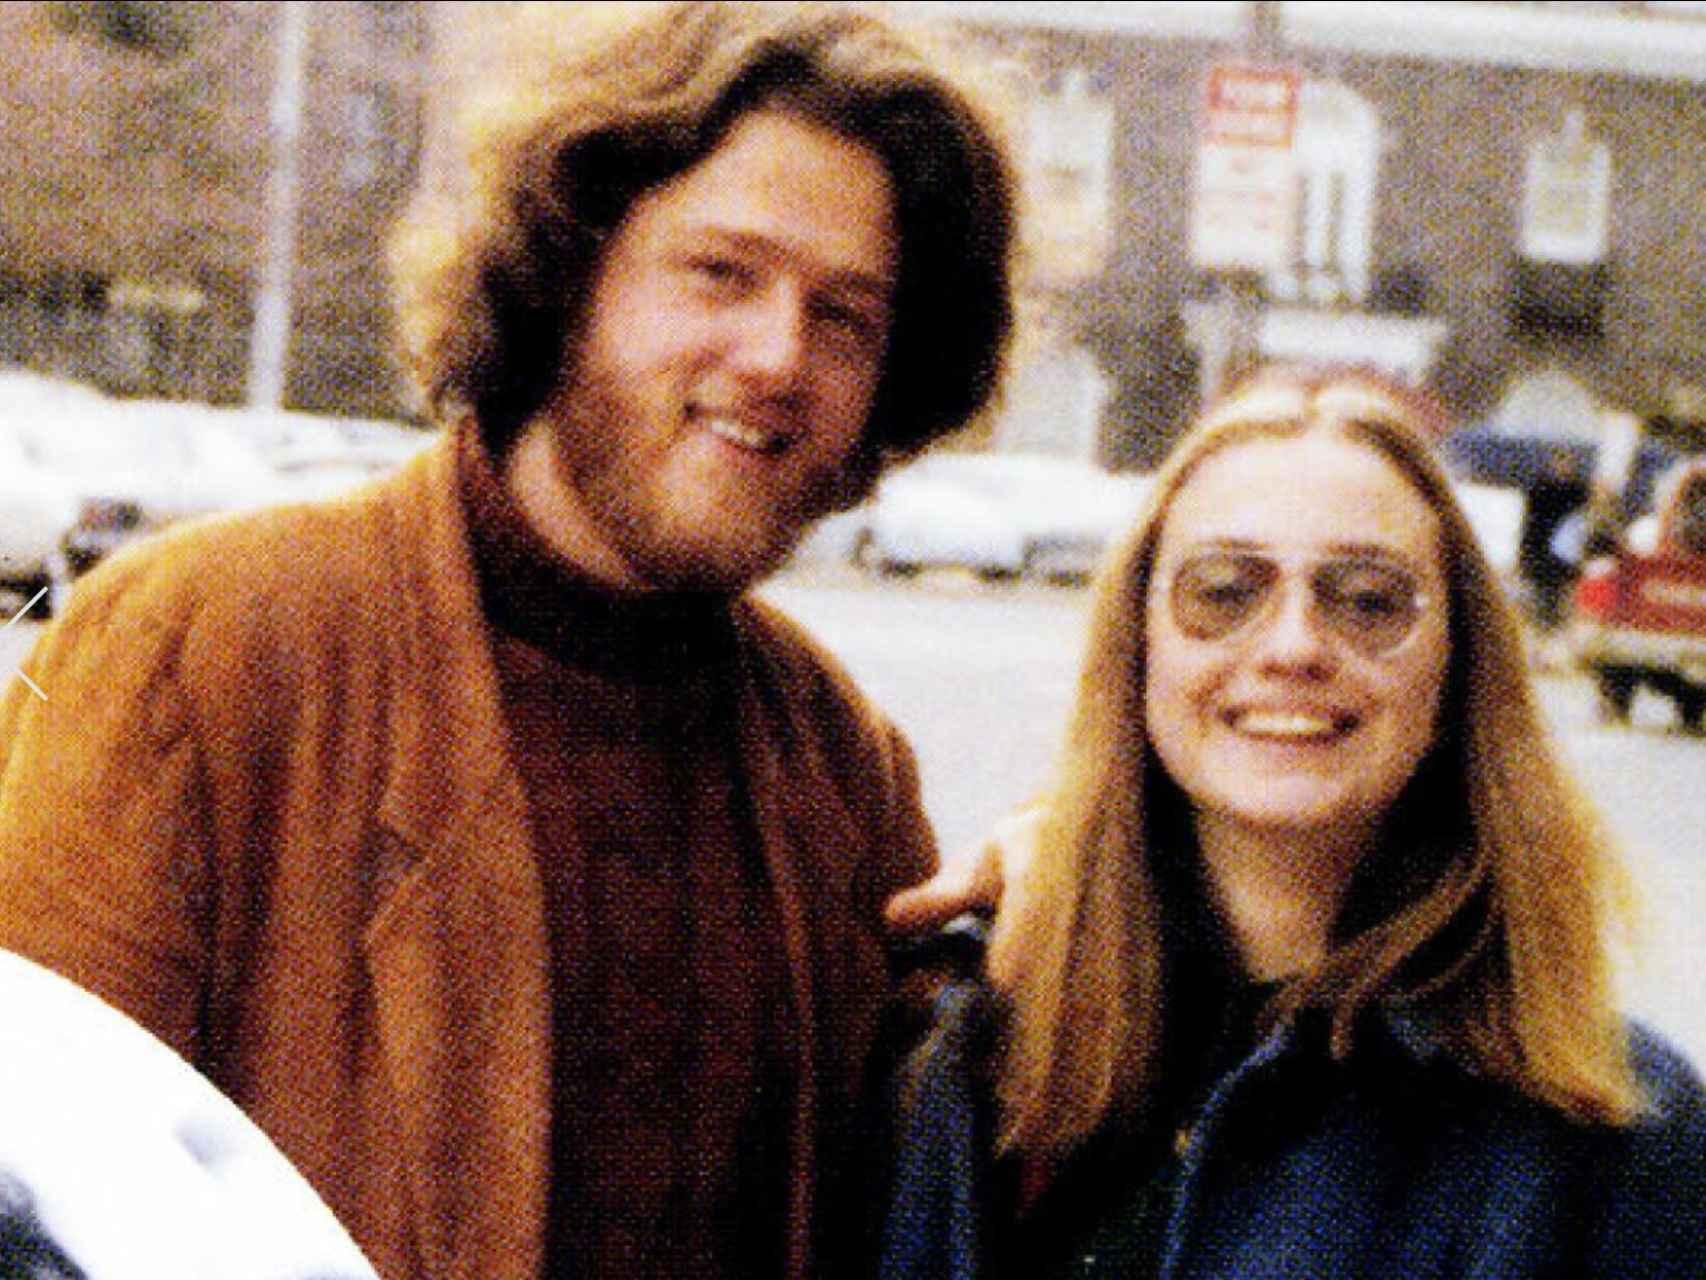 Bill Clinton et Hillary se sont rencontrés à l'Université de Yale à 70 ans.